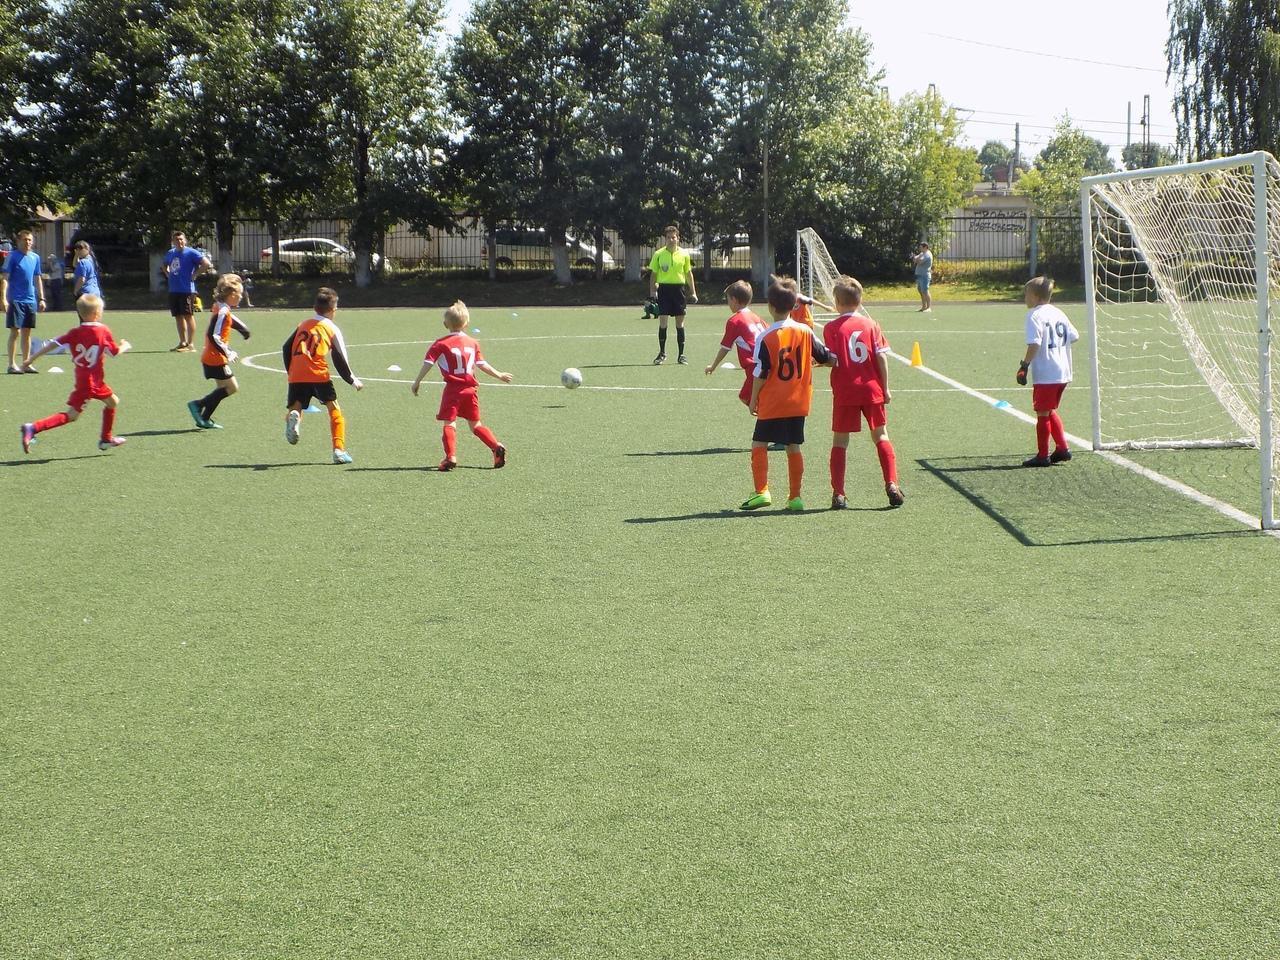 Результаты игр Первенства Городского округа Подольск по футболу среди детских команд 2009/2010 г.р.